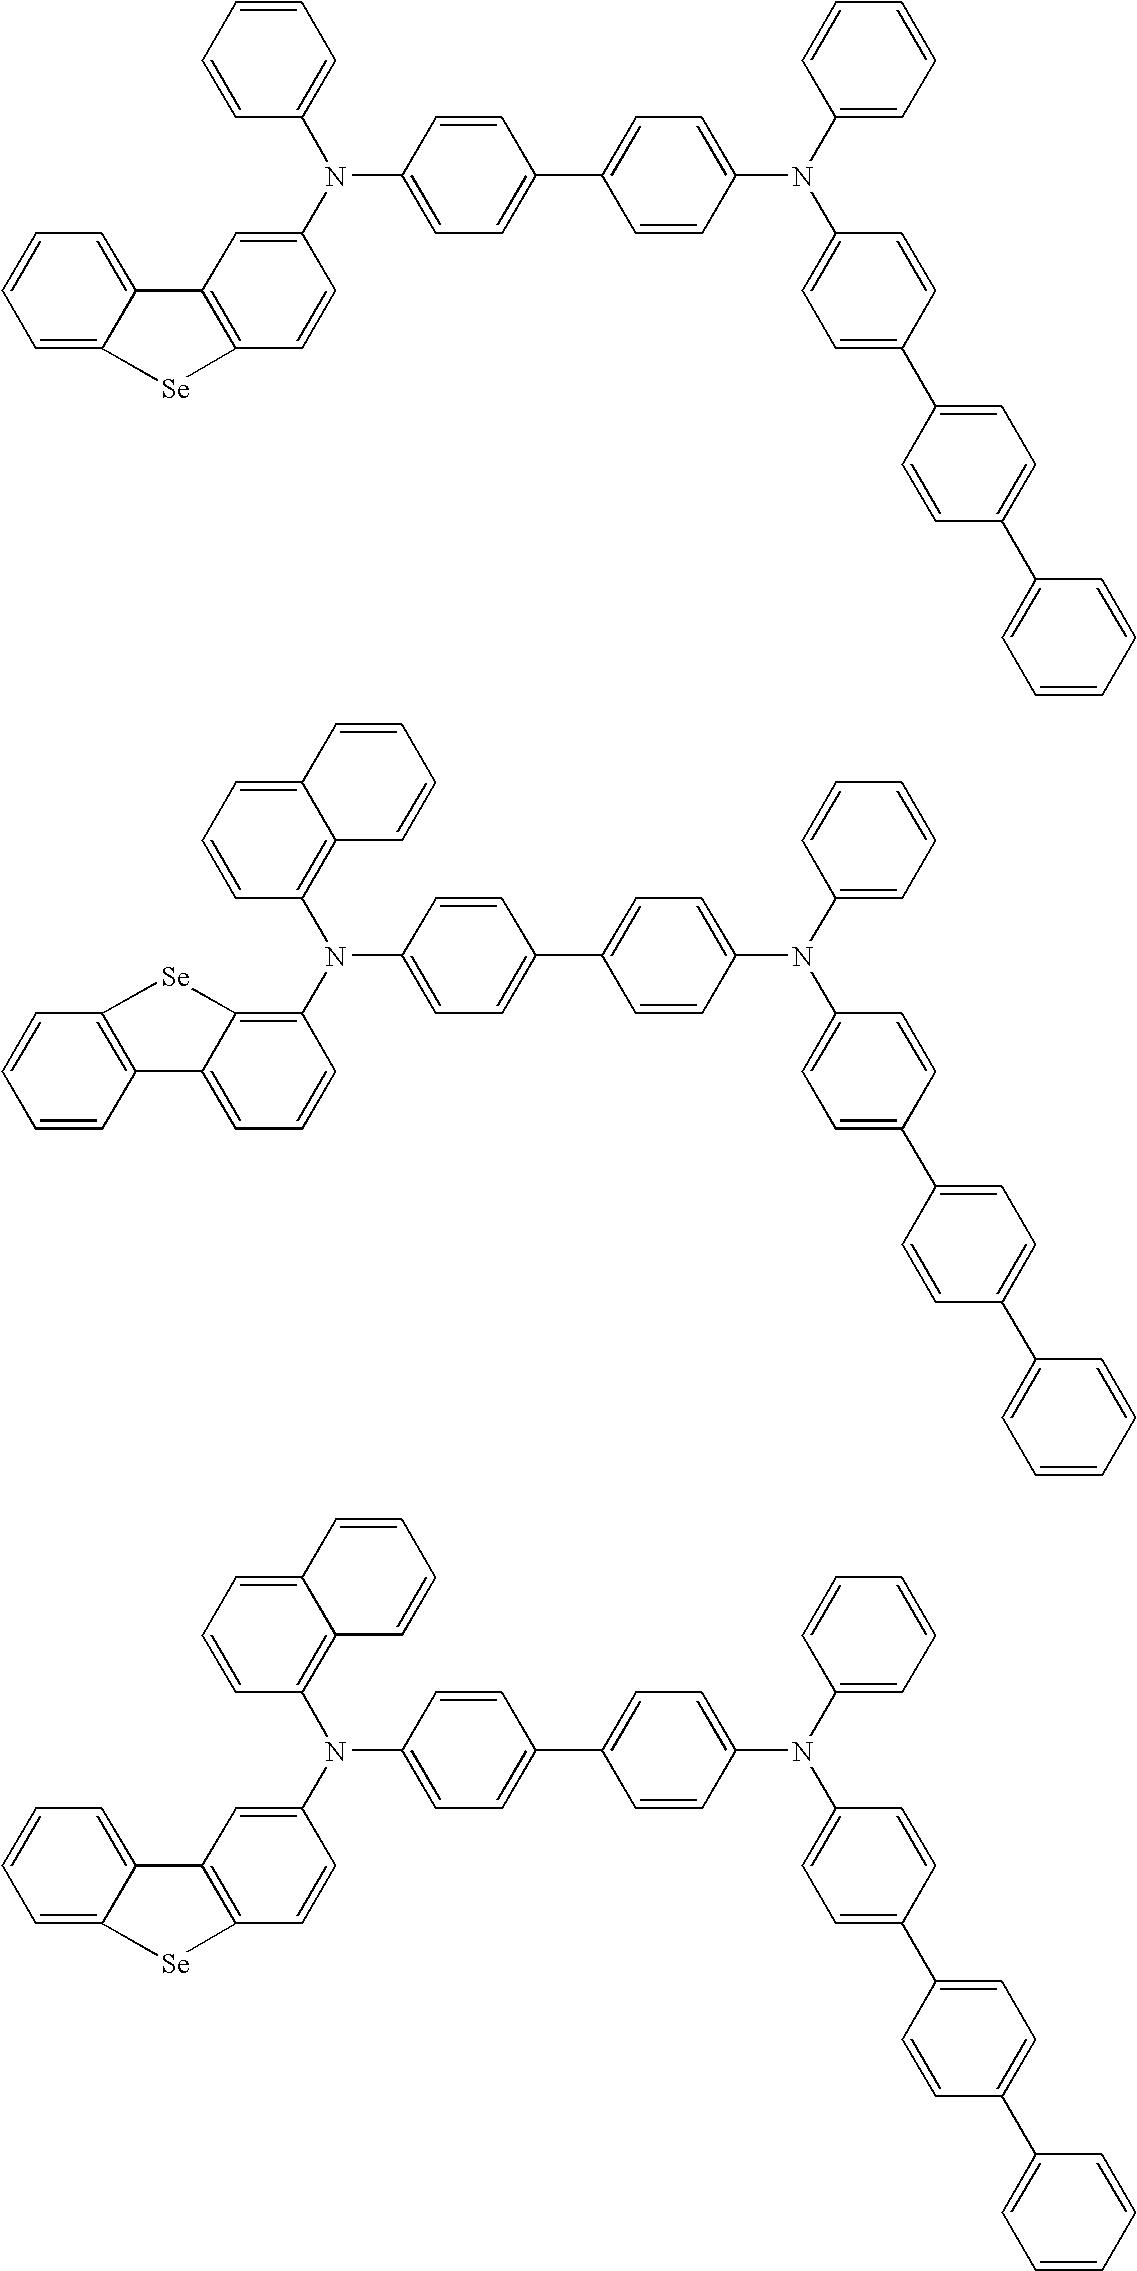 Figure US20100072887A1-20100325-C00247